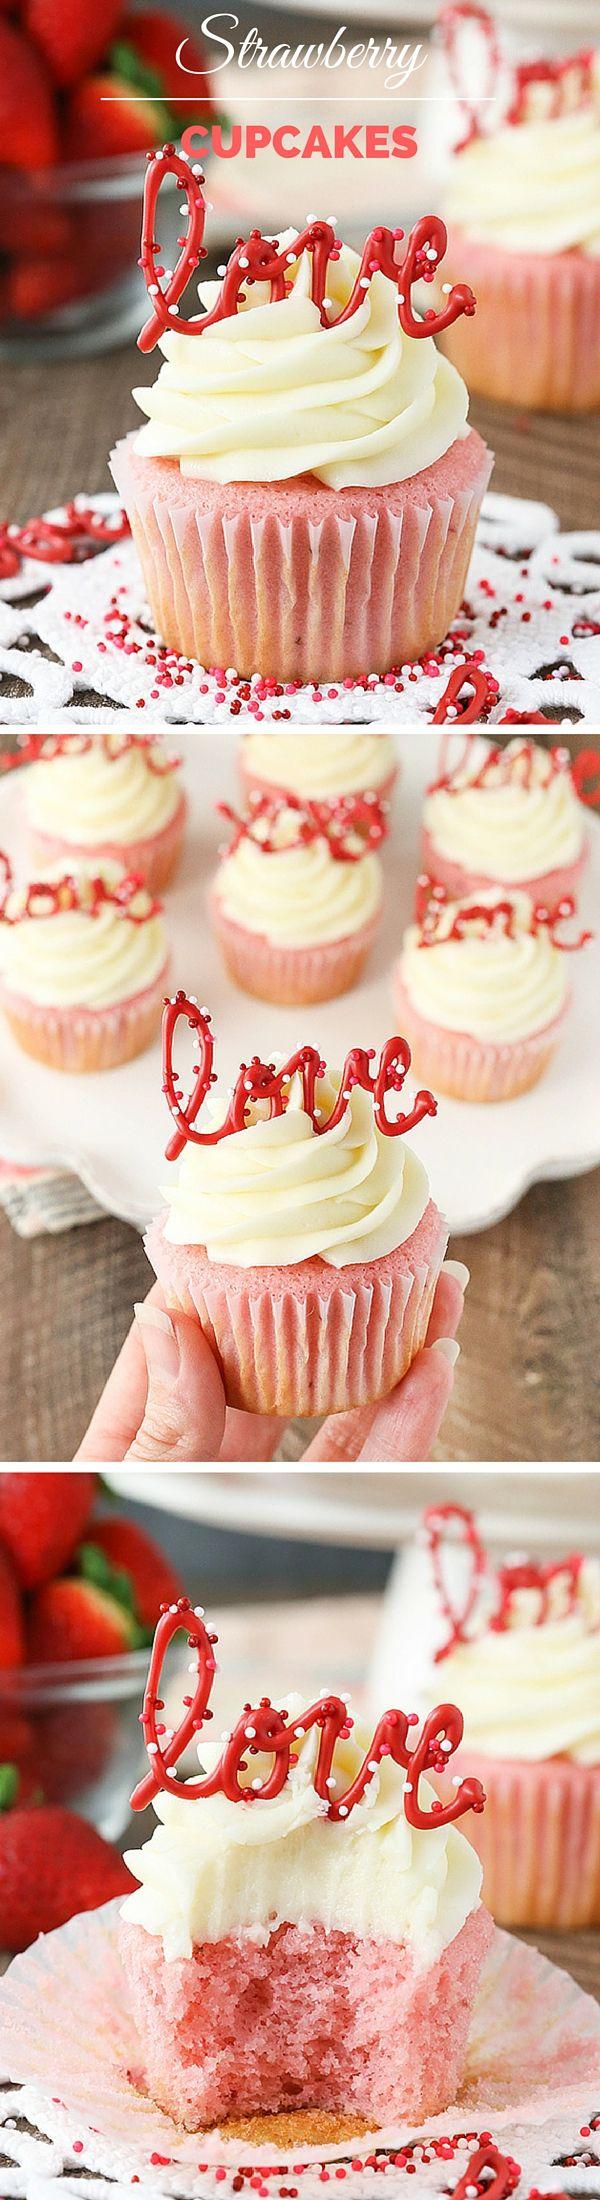 Get the recipe ♥ Strawberry Cupcakes #recipes @recipes_to_go